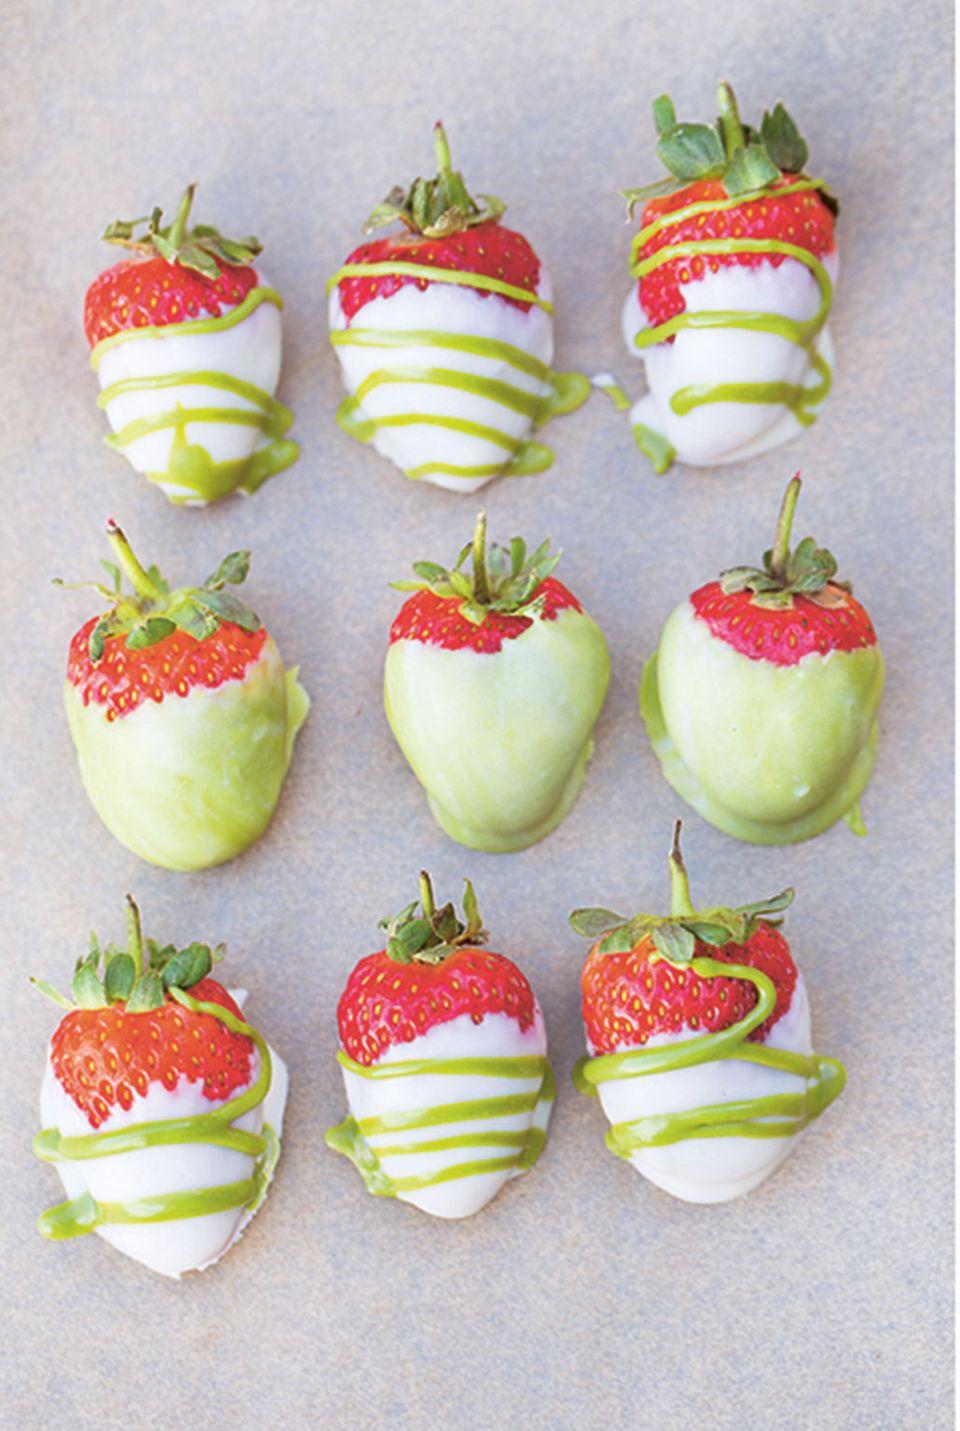 Erdbeeren im Schokomantel - fruchtig schokoladig als Dessert oder Snack